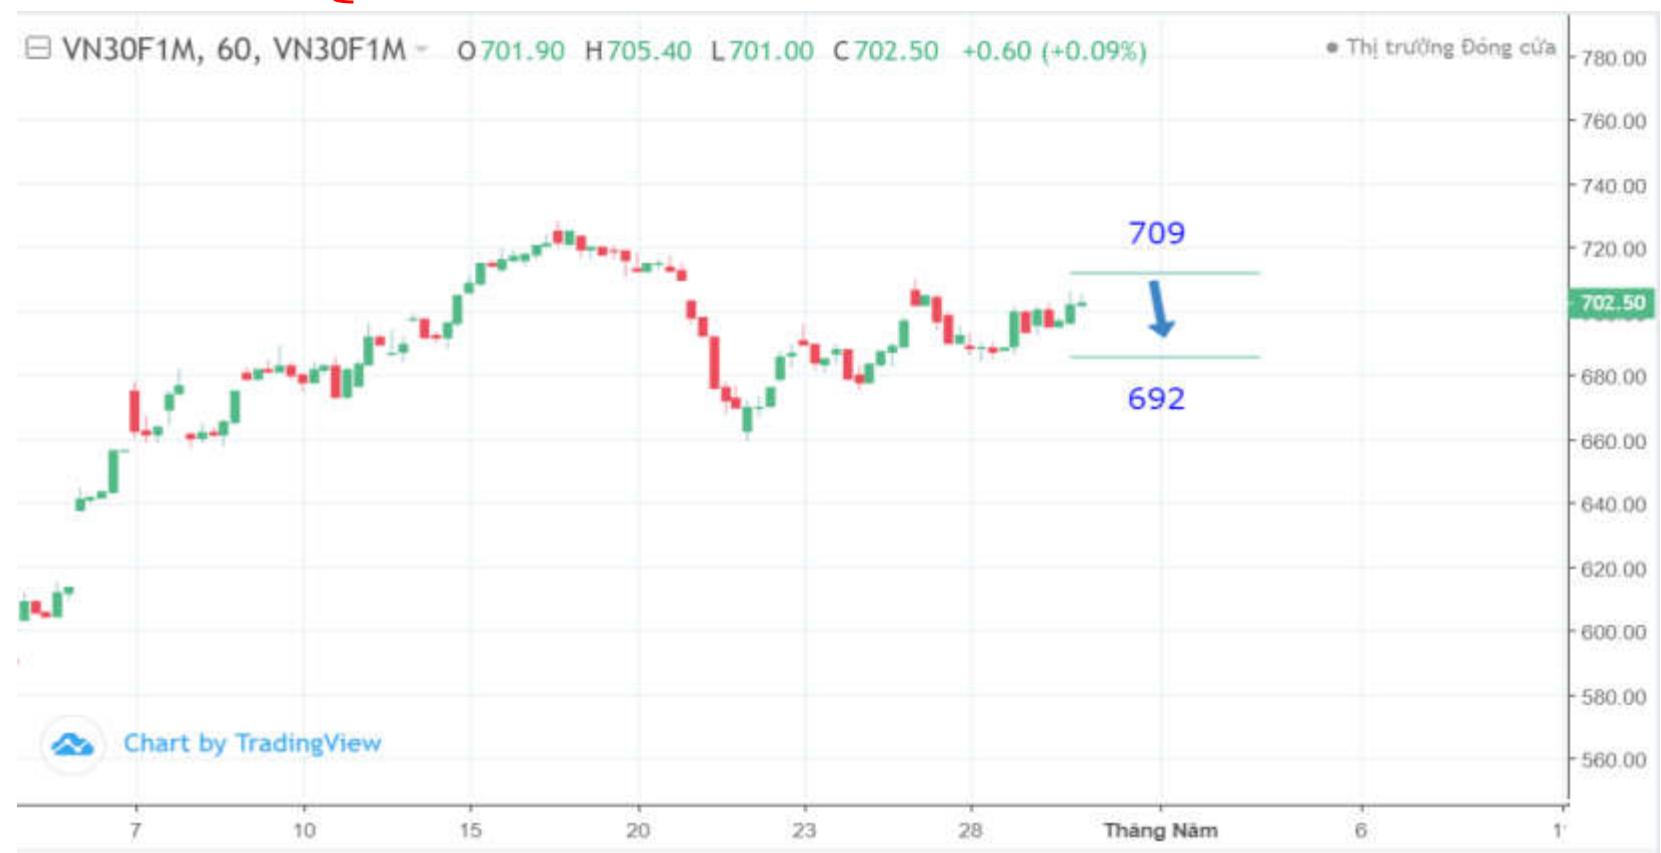 Cổ phiếu tâm điểm ngày 4/5: Chỉ số VN30 theo xu hướng giảm về mốc 690 điểm - Ảnh 2.